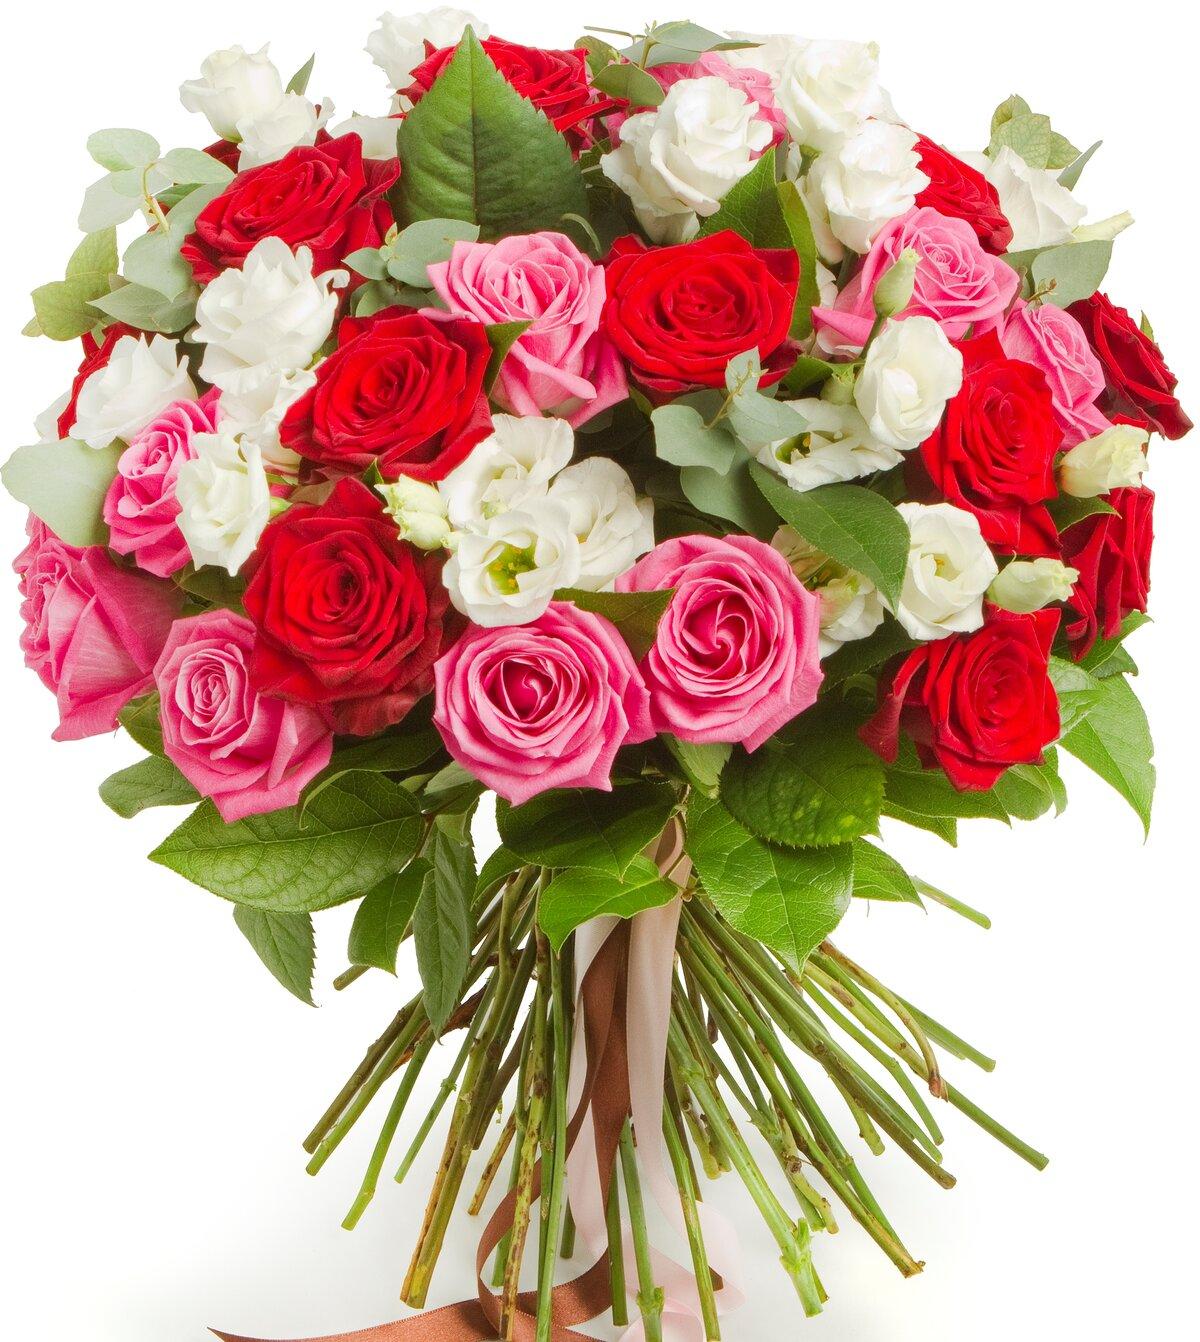 другой стороны, цветочные букеты картинки поздравить блестящего